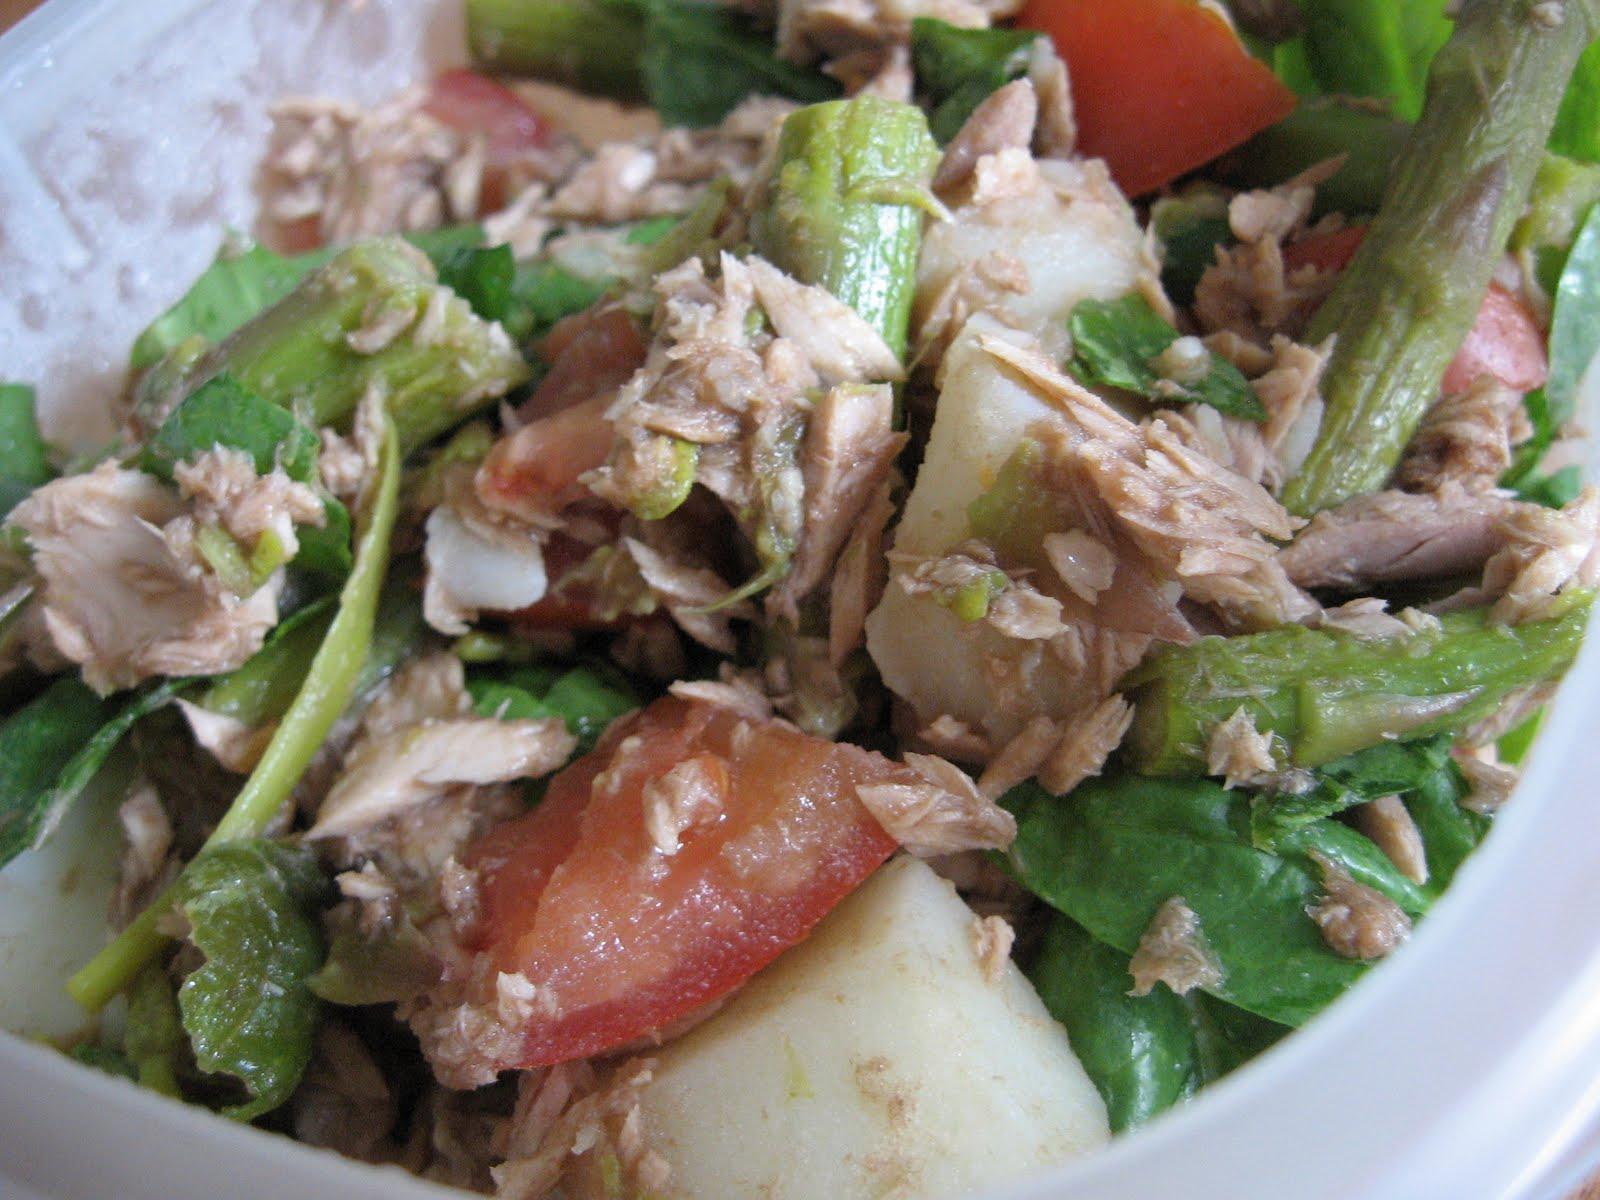 Salade d 39 asperges et de thon recette - Cuisiner du thon en boite ...